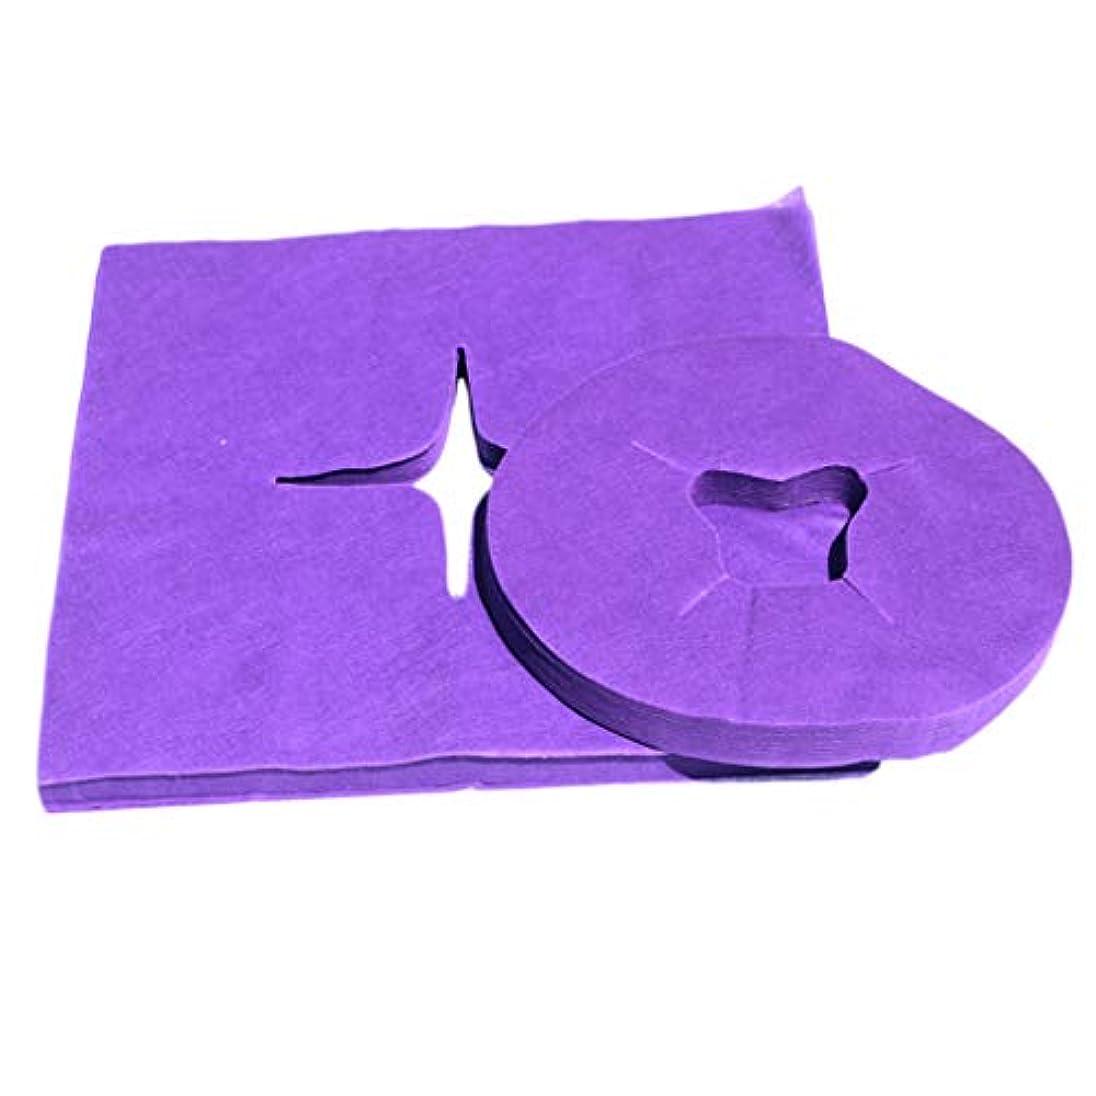 マサッチョ世界不快dailymall 200個の使い捨てフェイスクレードルカバー-マッサージテーブルチェア用の超ソフト、非粘着マッサージフェイスカバーとヘッドレストカバー - 紫の